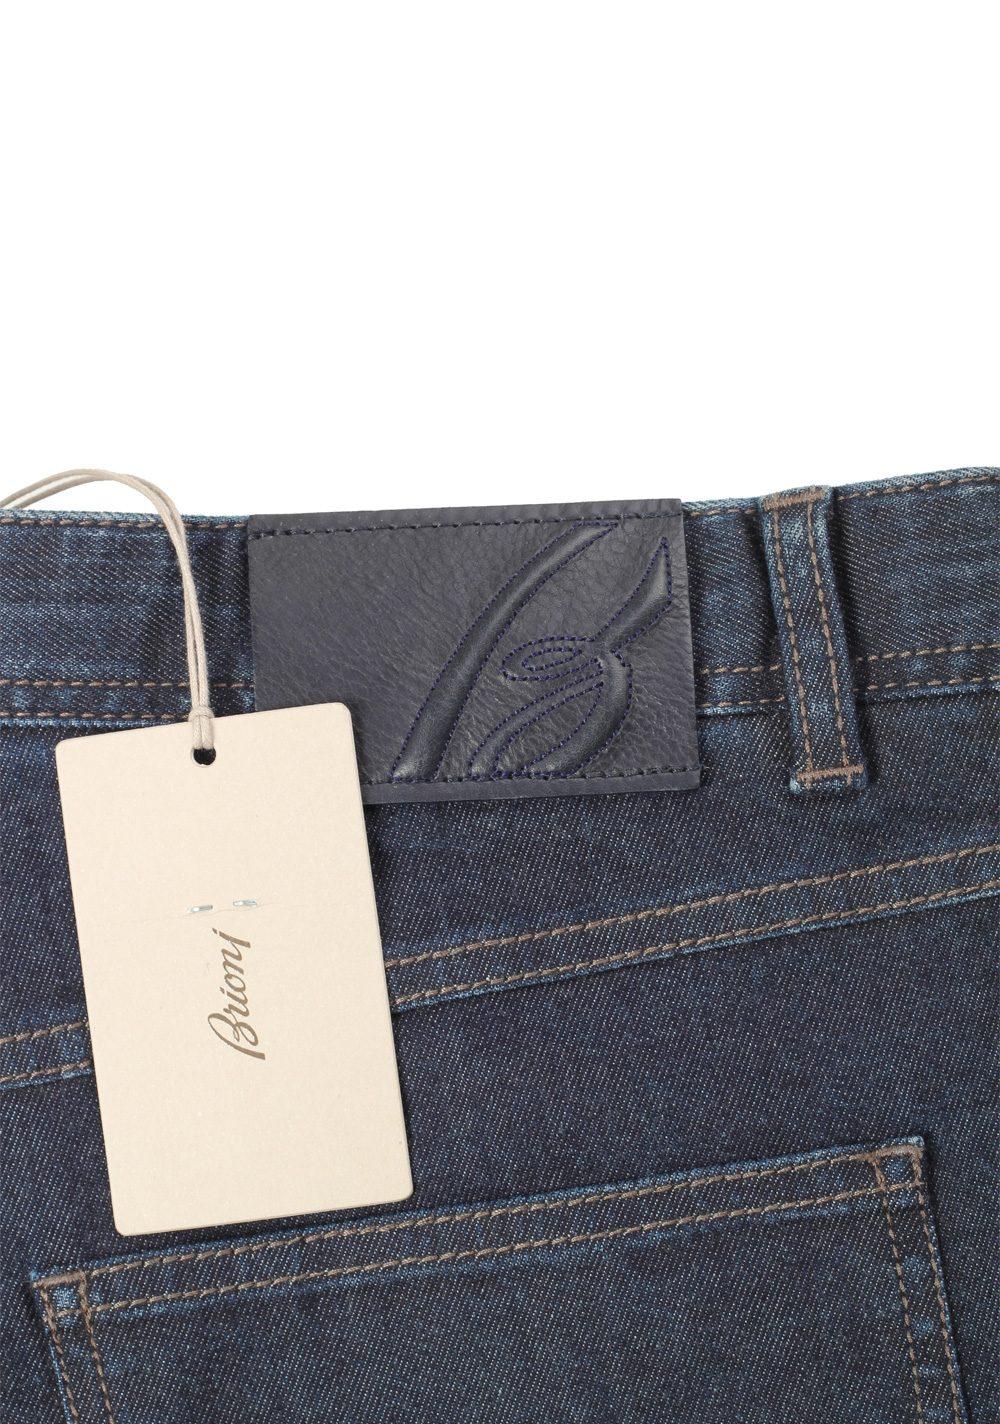 Brioni Blue Jeans Stelvio Trousers Size 52 / 36 U.S. | Costume Limité